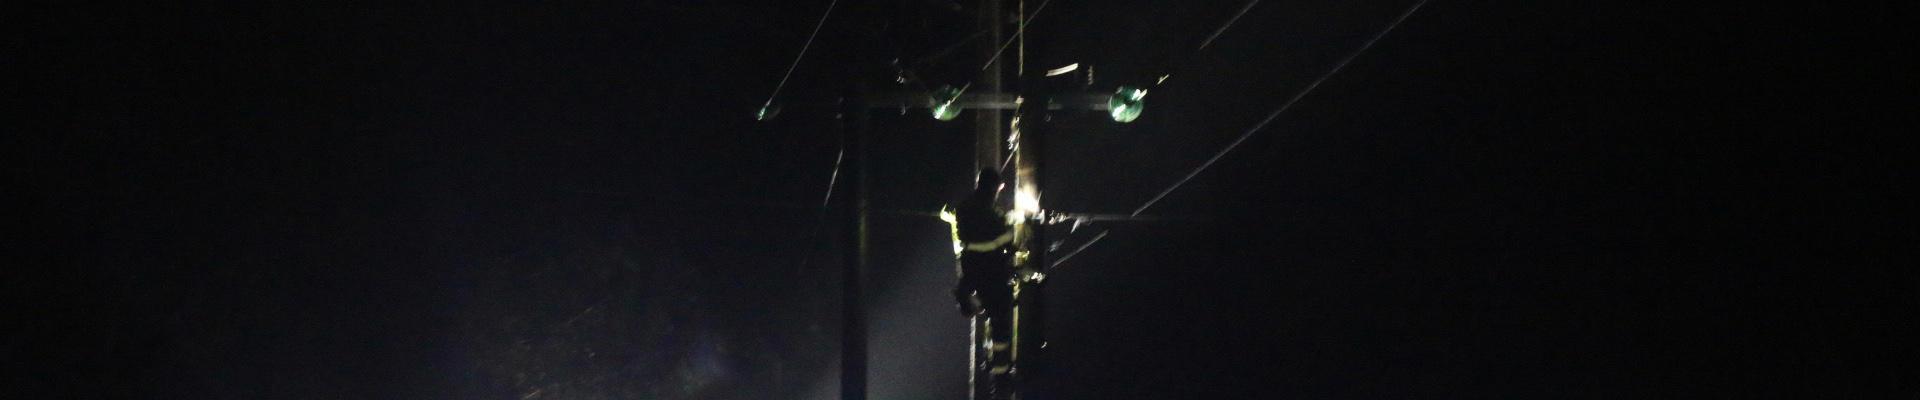 Bilde av mann i mast nattestid. Foto: Theo Aasland Valen